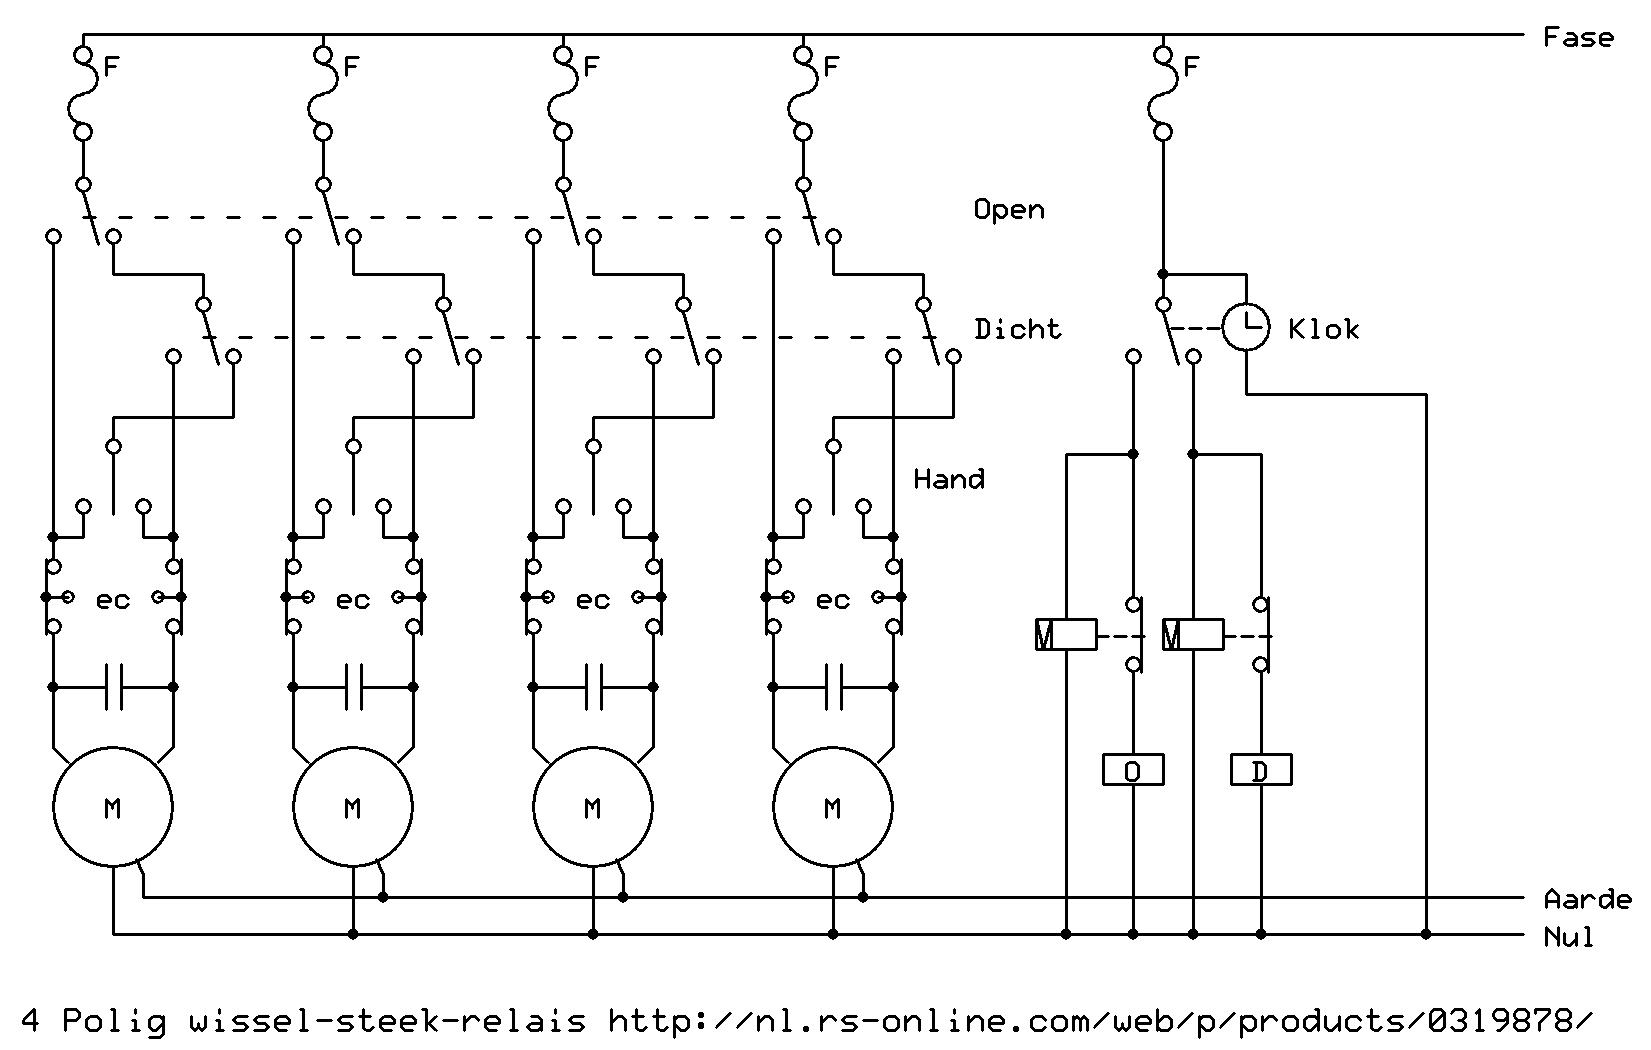 Atemberaubend Relais Elektrisches Diagramm Fotos - Elektrische ...